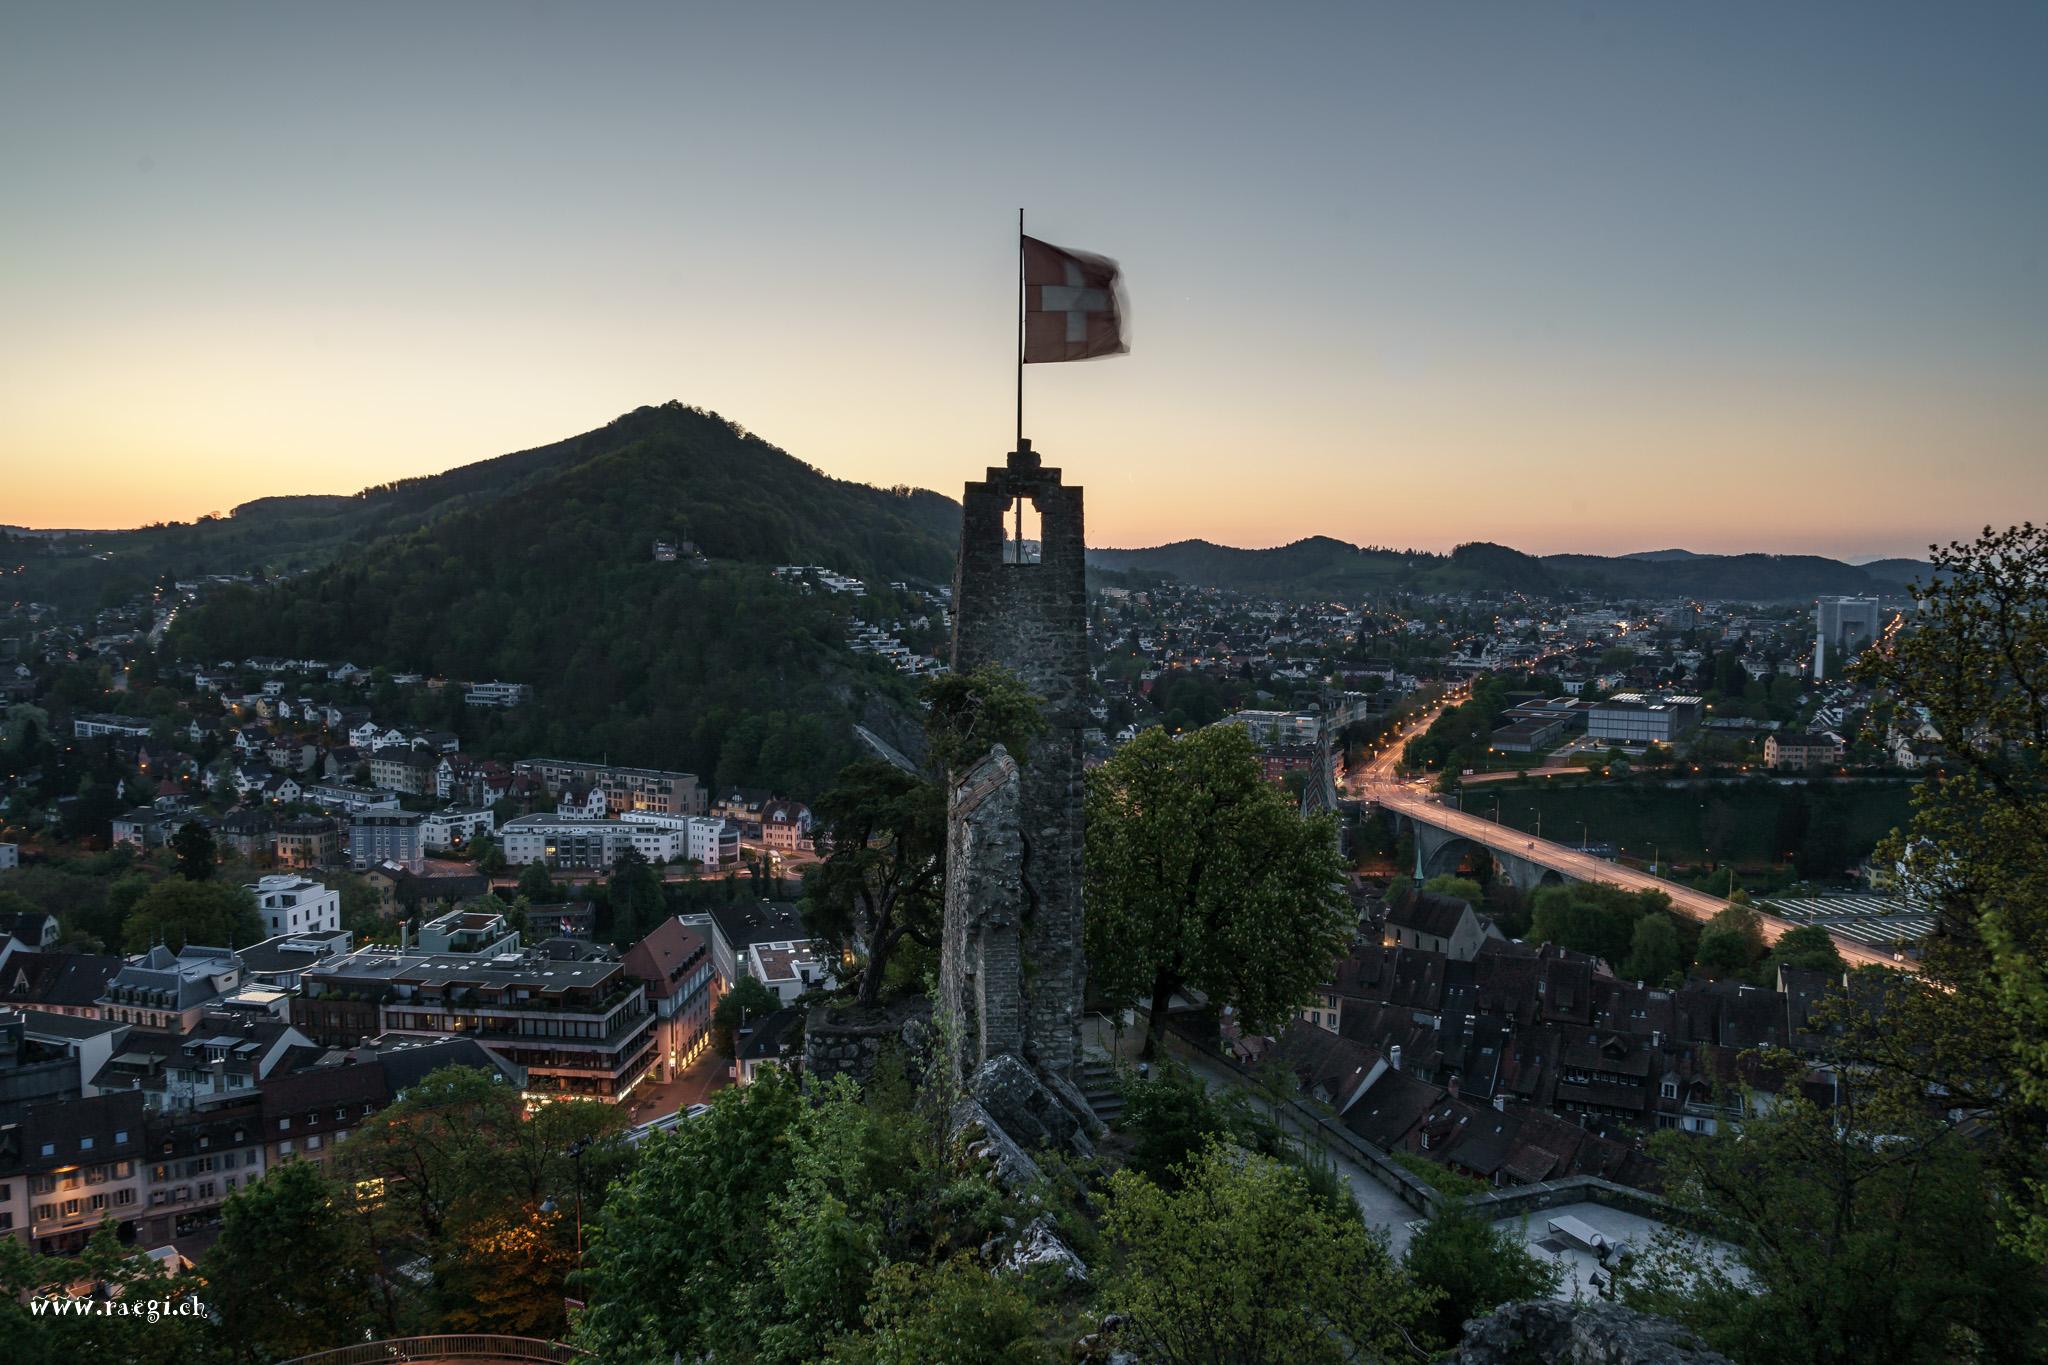 Schlossruine Stein, Switzerland